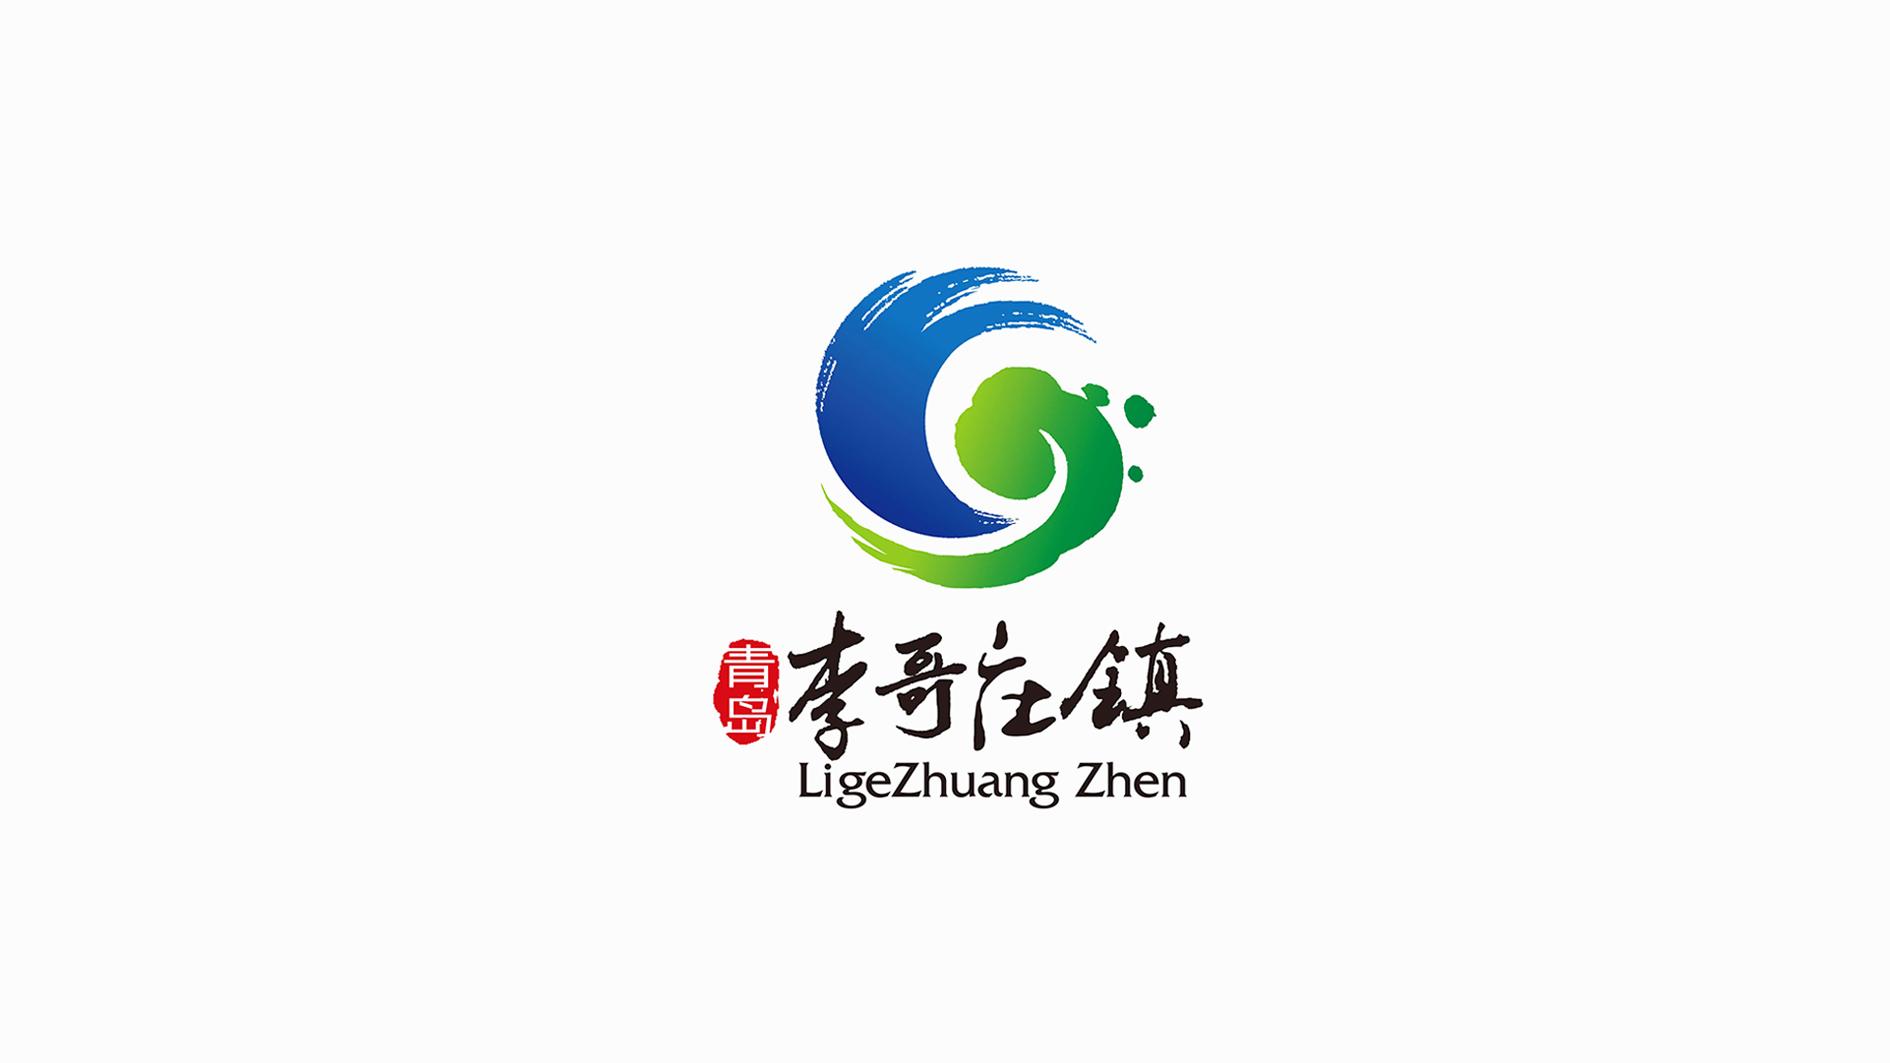 青岛李哥庄镇形象品牌设计、VIS系统设计